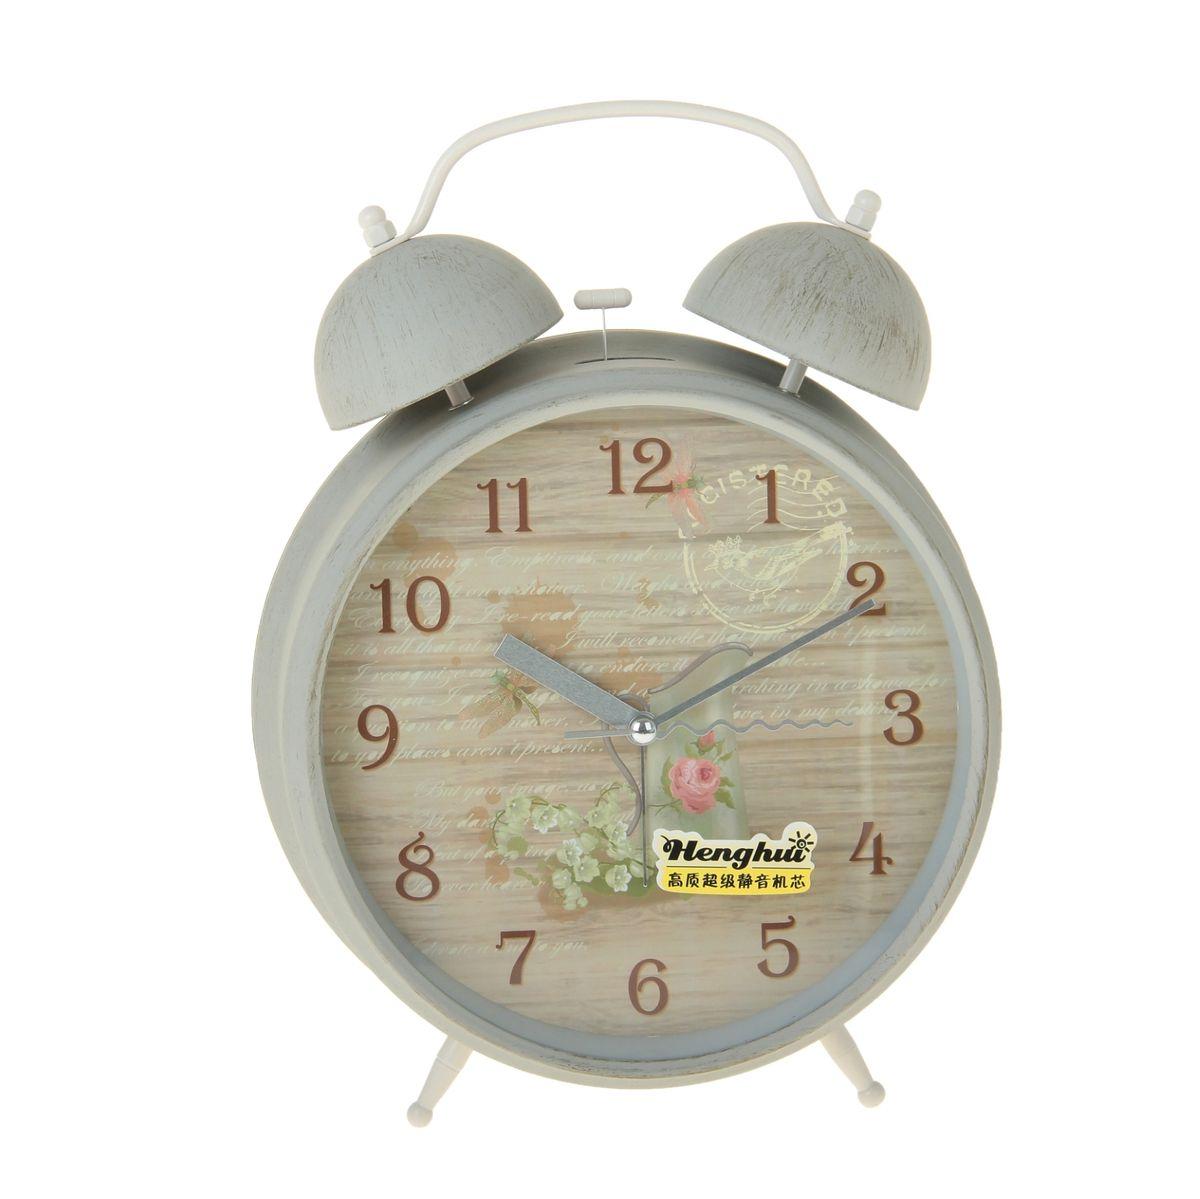 Часы-будильник Sima-land Кувшин и цветы15118419Как же сложно иногда вставать вовремя! Всегда так хочется поспать еще хотя бы 5 минут и бывает, что мы просыпаем. Теперь этого не случится! Яркий, оригинальный будильник Sima-land Кувшин и цветы поможет вам всегда вставать в нужное время и успевать везде и всюду.Корпус будильника выполнен из металла. Циферблат имеет индикацию арабскими цифрами. Часы снабжены 4 стрелками (секундная, минутная, часовая и для будильника). На задней панели будильника расположен переключатель включения/выключения механизма, а также два колесика для настройки текущего времени и времени звонка будильника. Также будильник оснащен кнопкой, при нажатии которой подсвечивается циферблат.Пользоваться будильником очень легко: нужно всего лишь поставить батарейку, настроить точное время и установить время звонка. Необходимо докупить 1 батарейку типа АА (не входит в комплект).